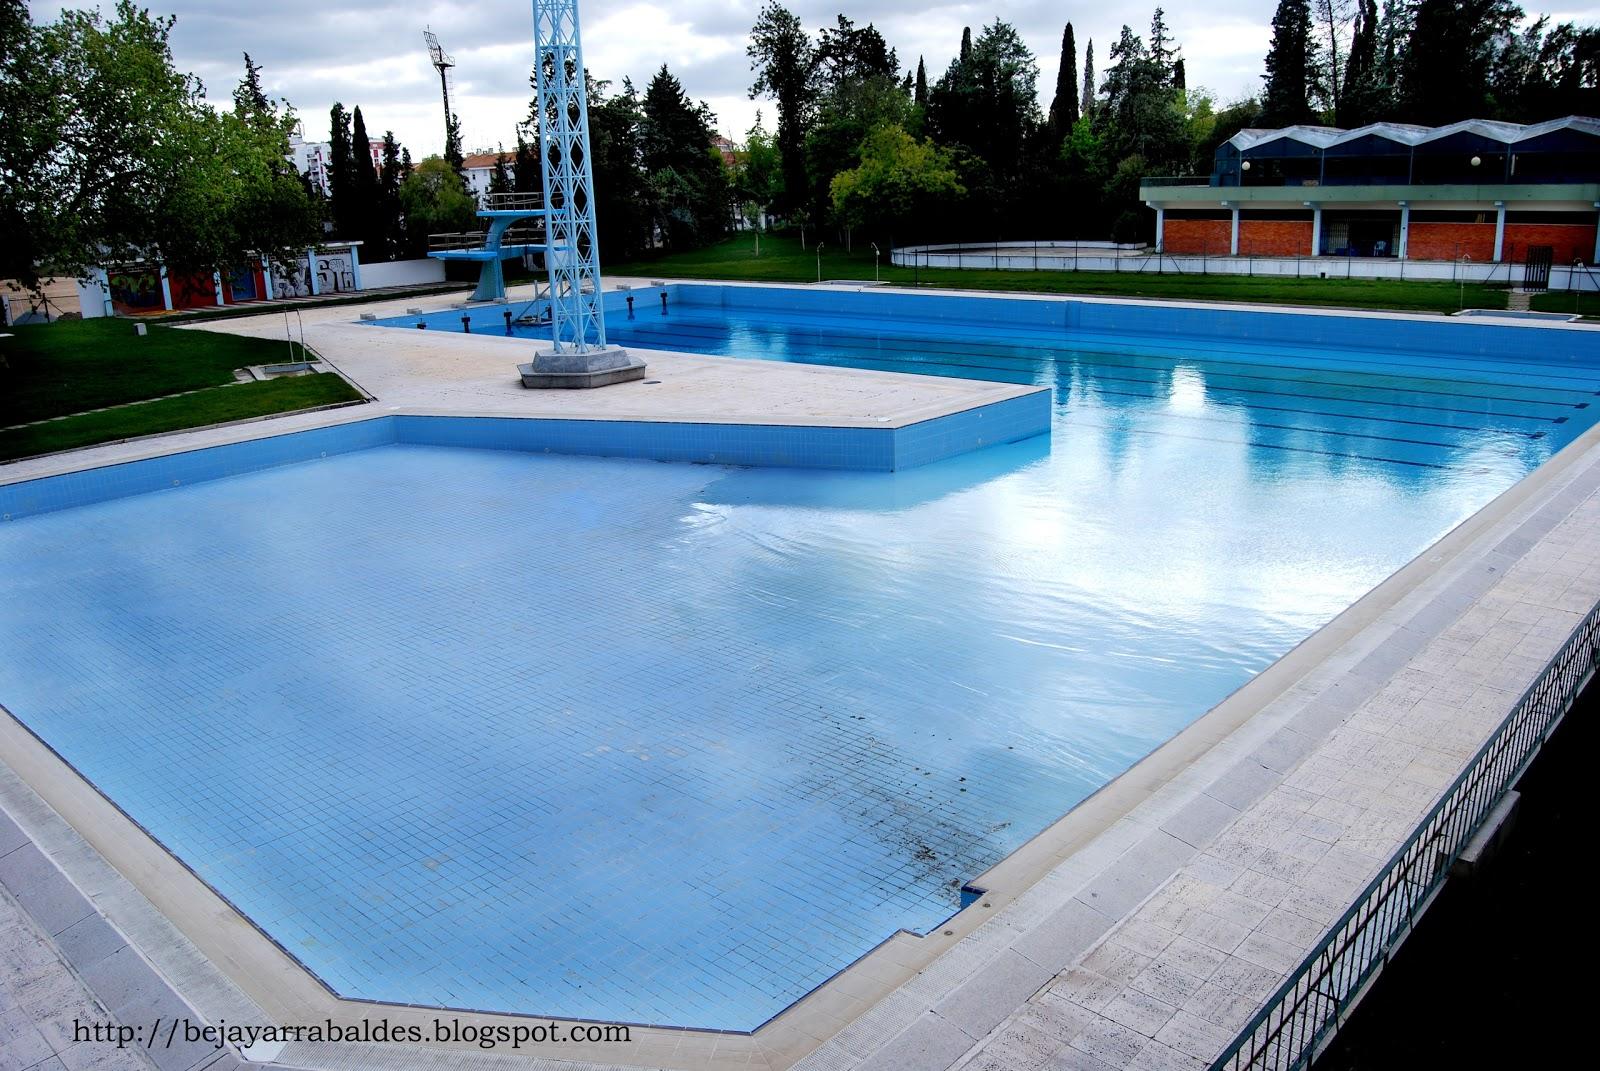 Beja y arrabaldes piscina municipal de beja junho 2012 for Piscina municipal